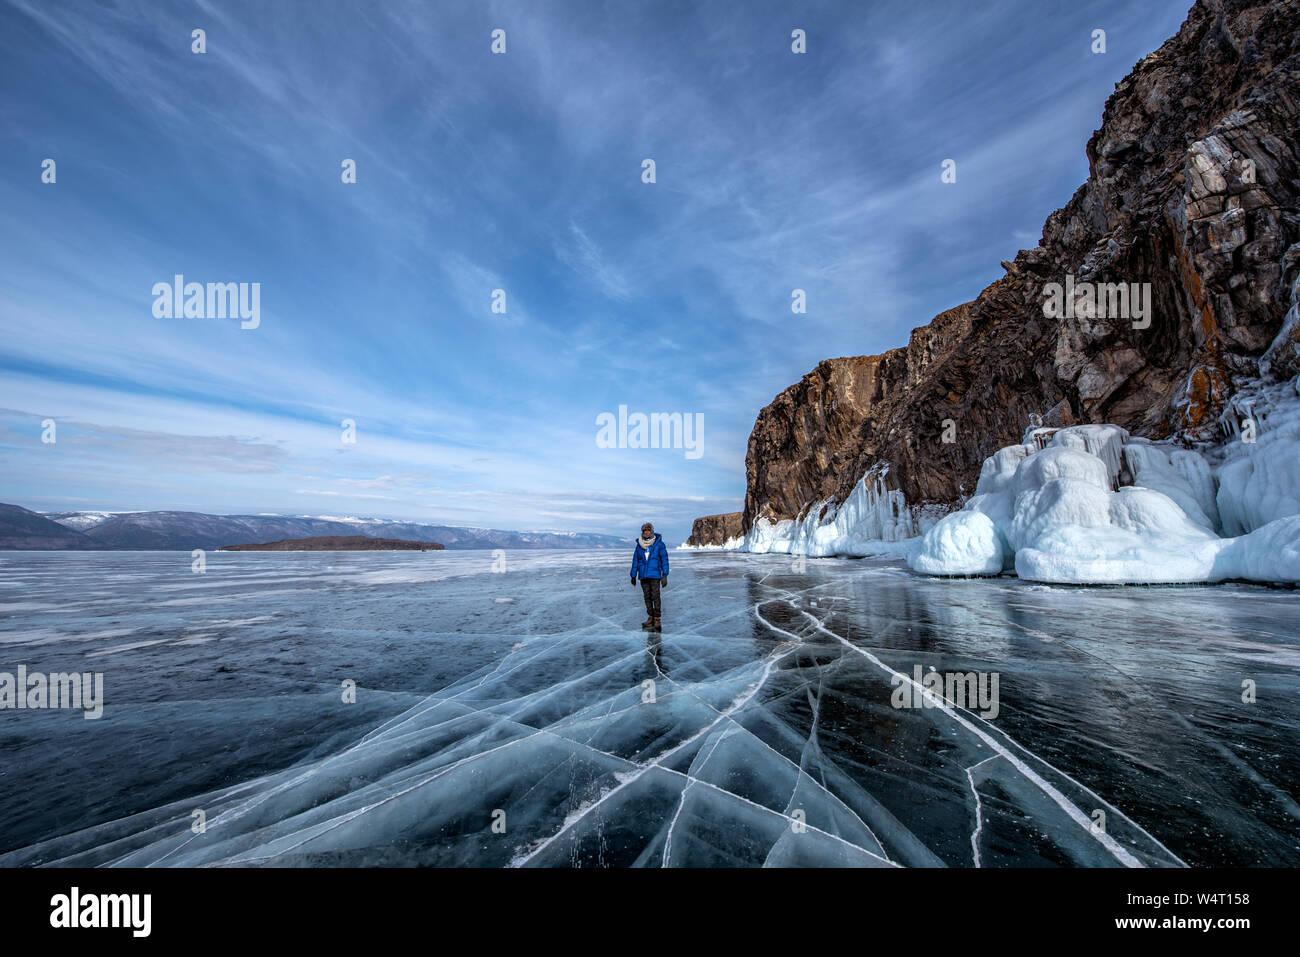 Homme debout sur le Lac Baïkal gelé en hiver, Sibérie, Russie Banque D'Images